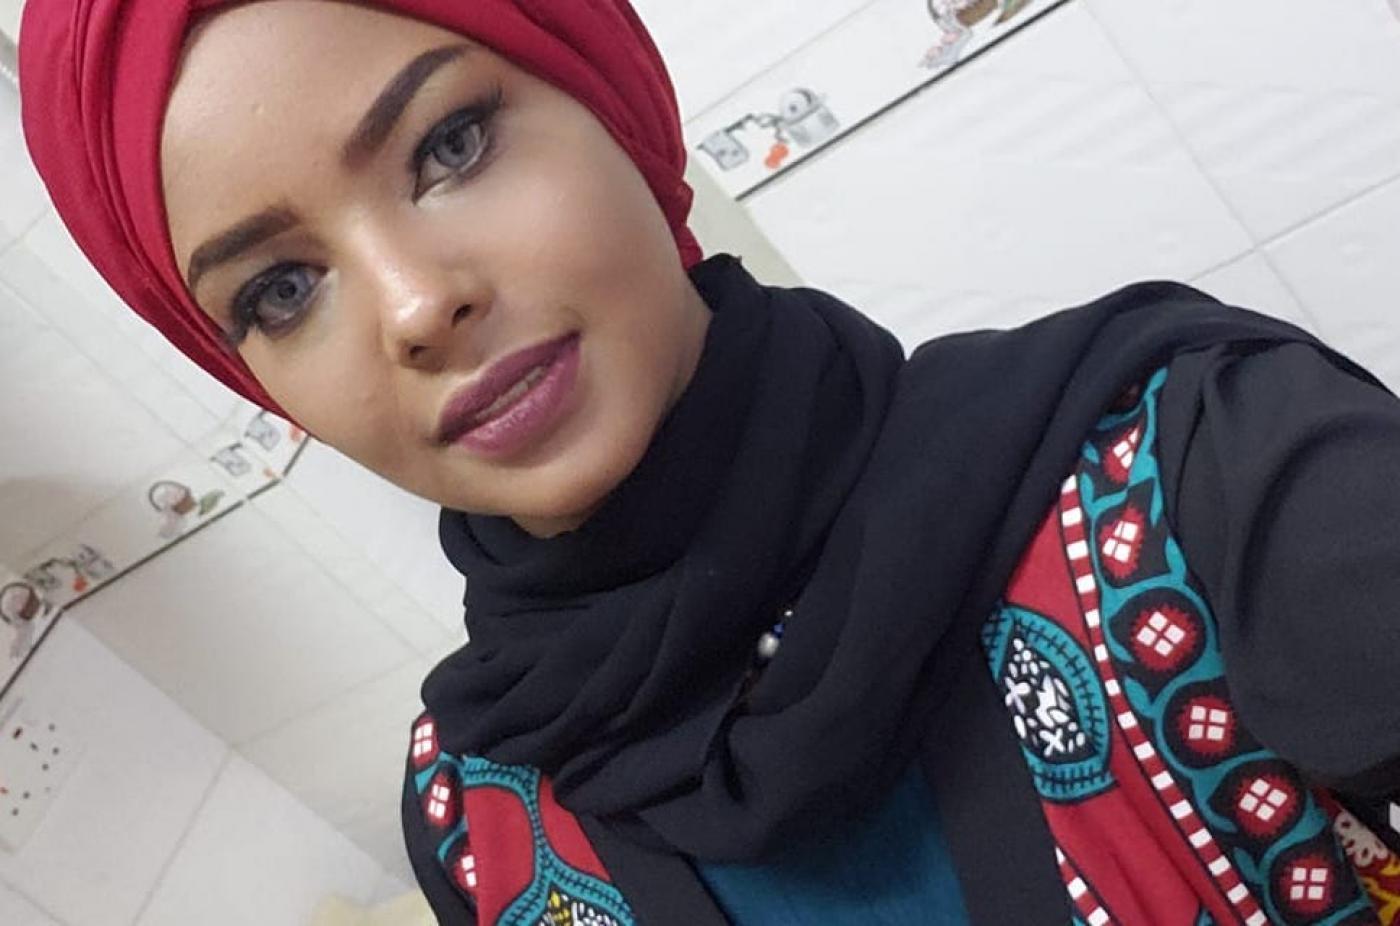 صدمة .. عارضة الأزياء اليمنية انتصار الحمادي حاولت شنق نفسها في السجن لهذا السبب